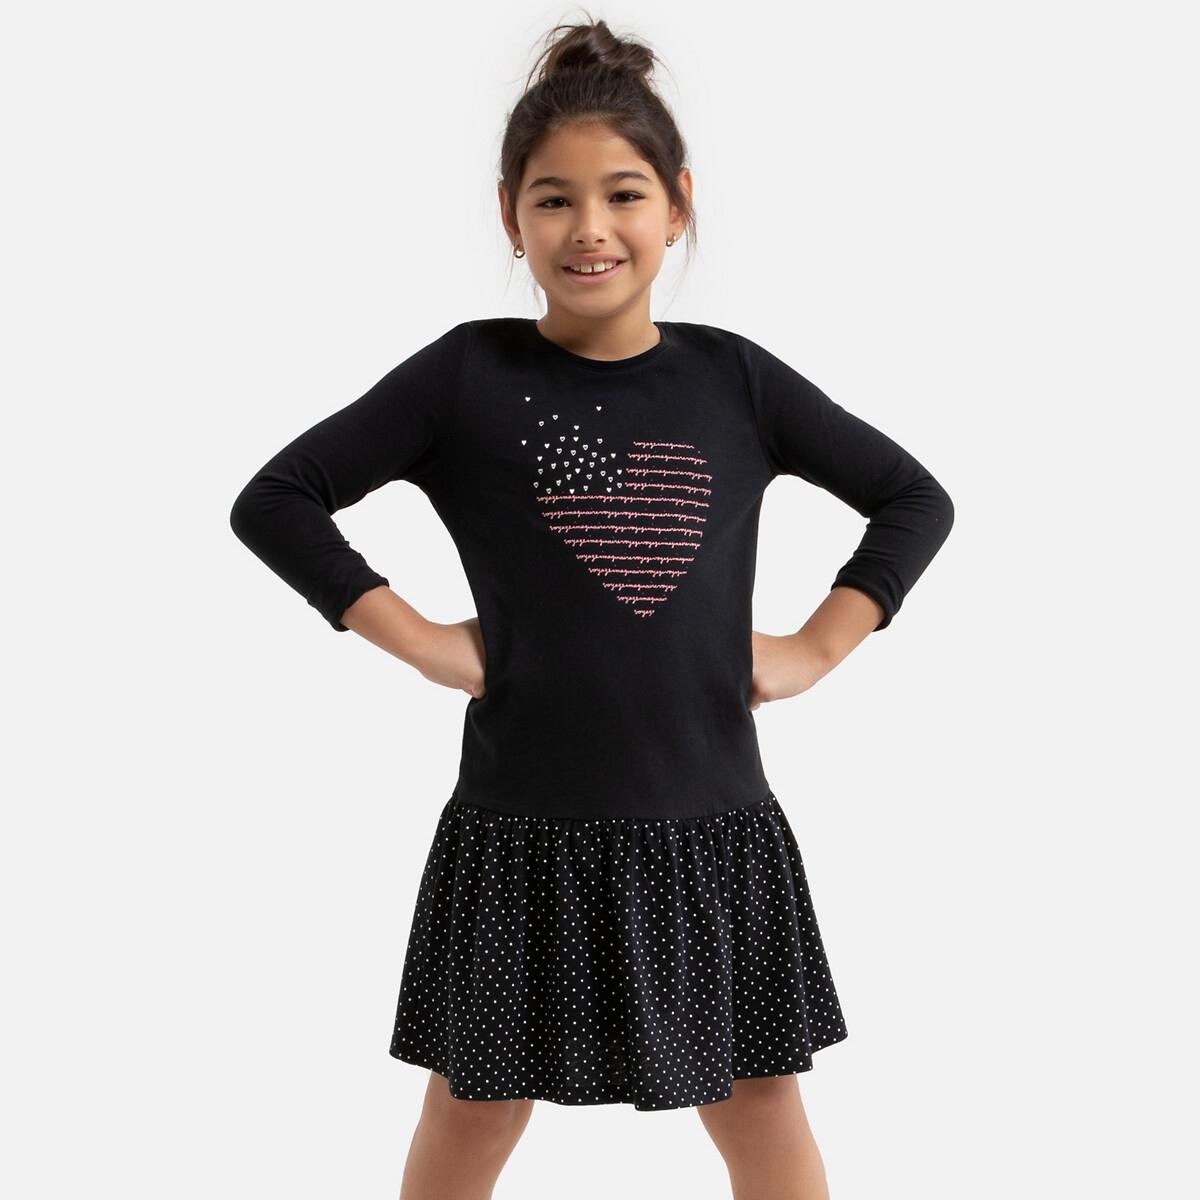 Платье La Redoute С рисунком сердце 8 лет - 126 см черный юбка la redoute расклешенная с принтом 8 лет 126 см другие